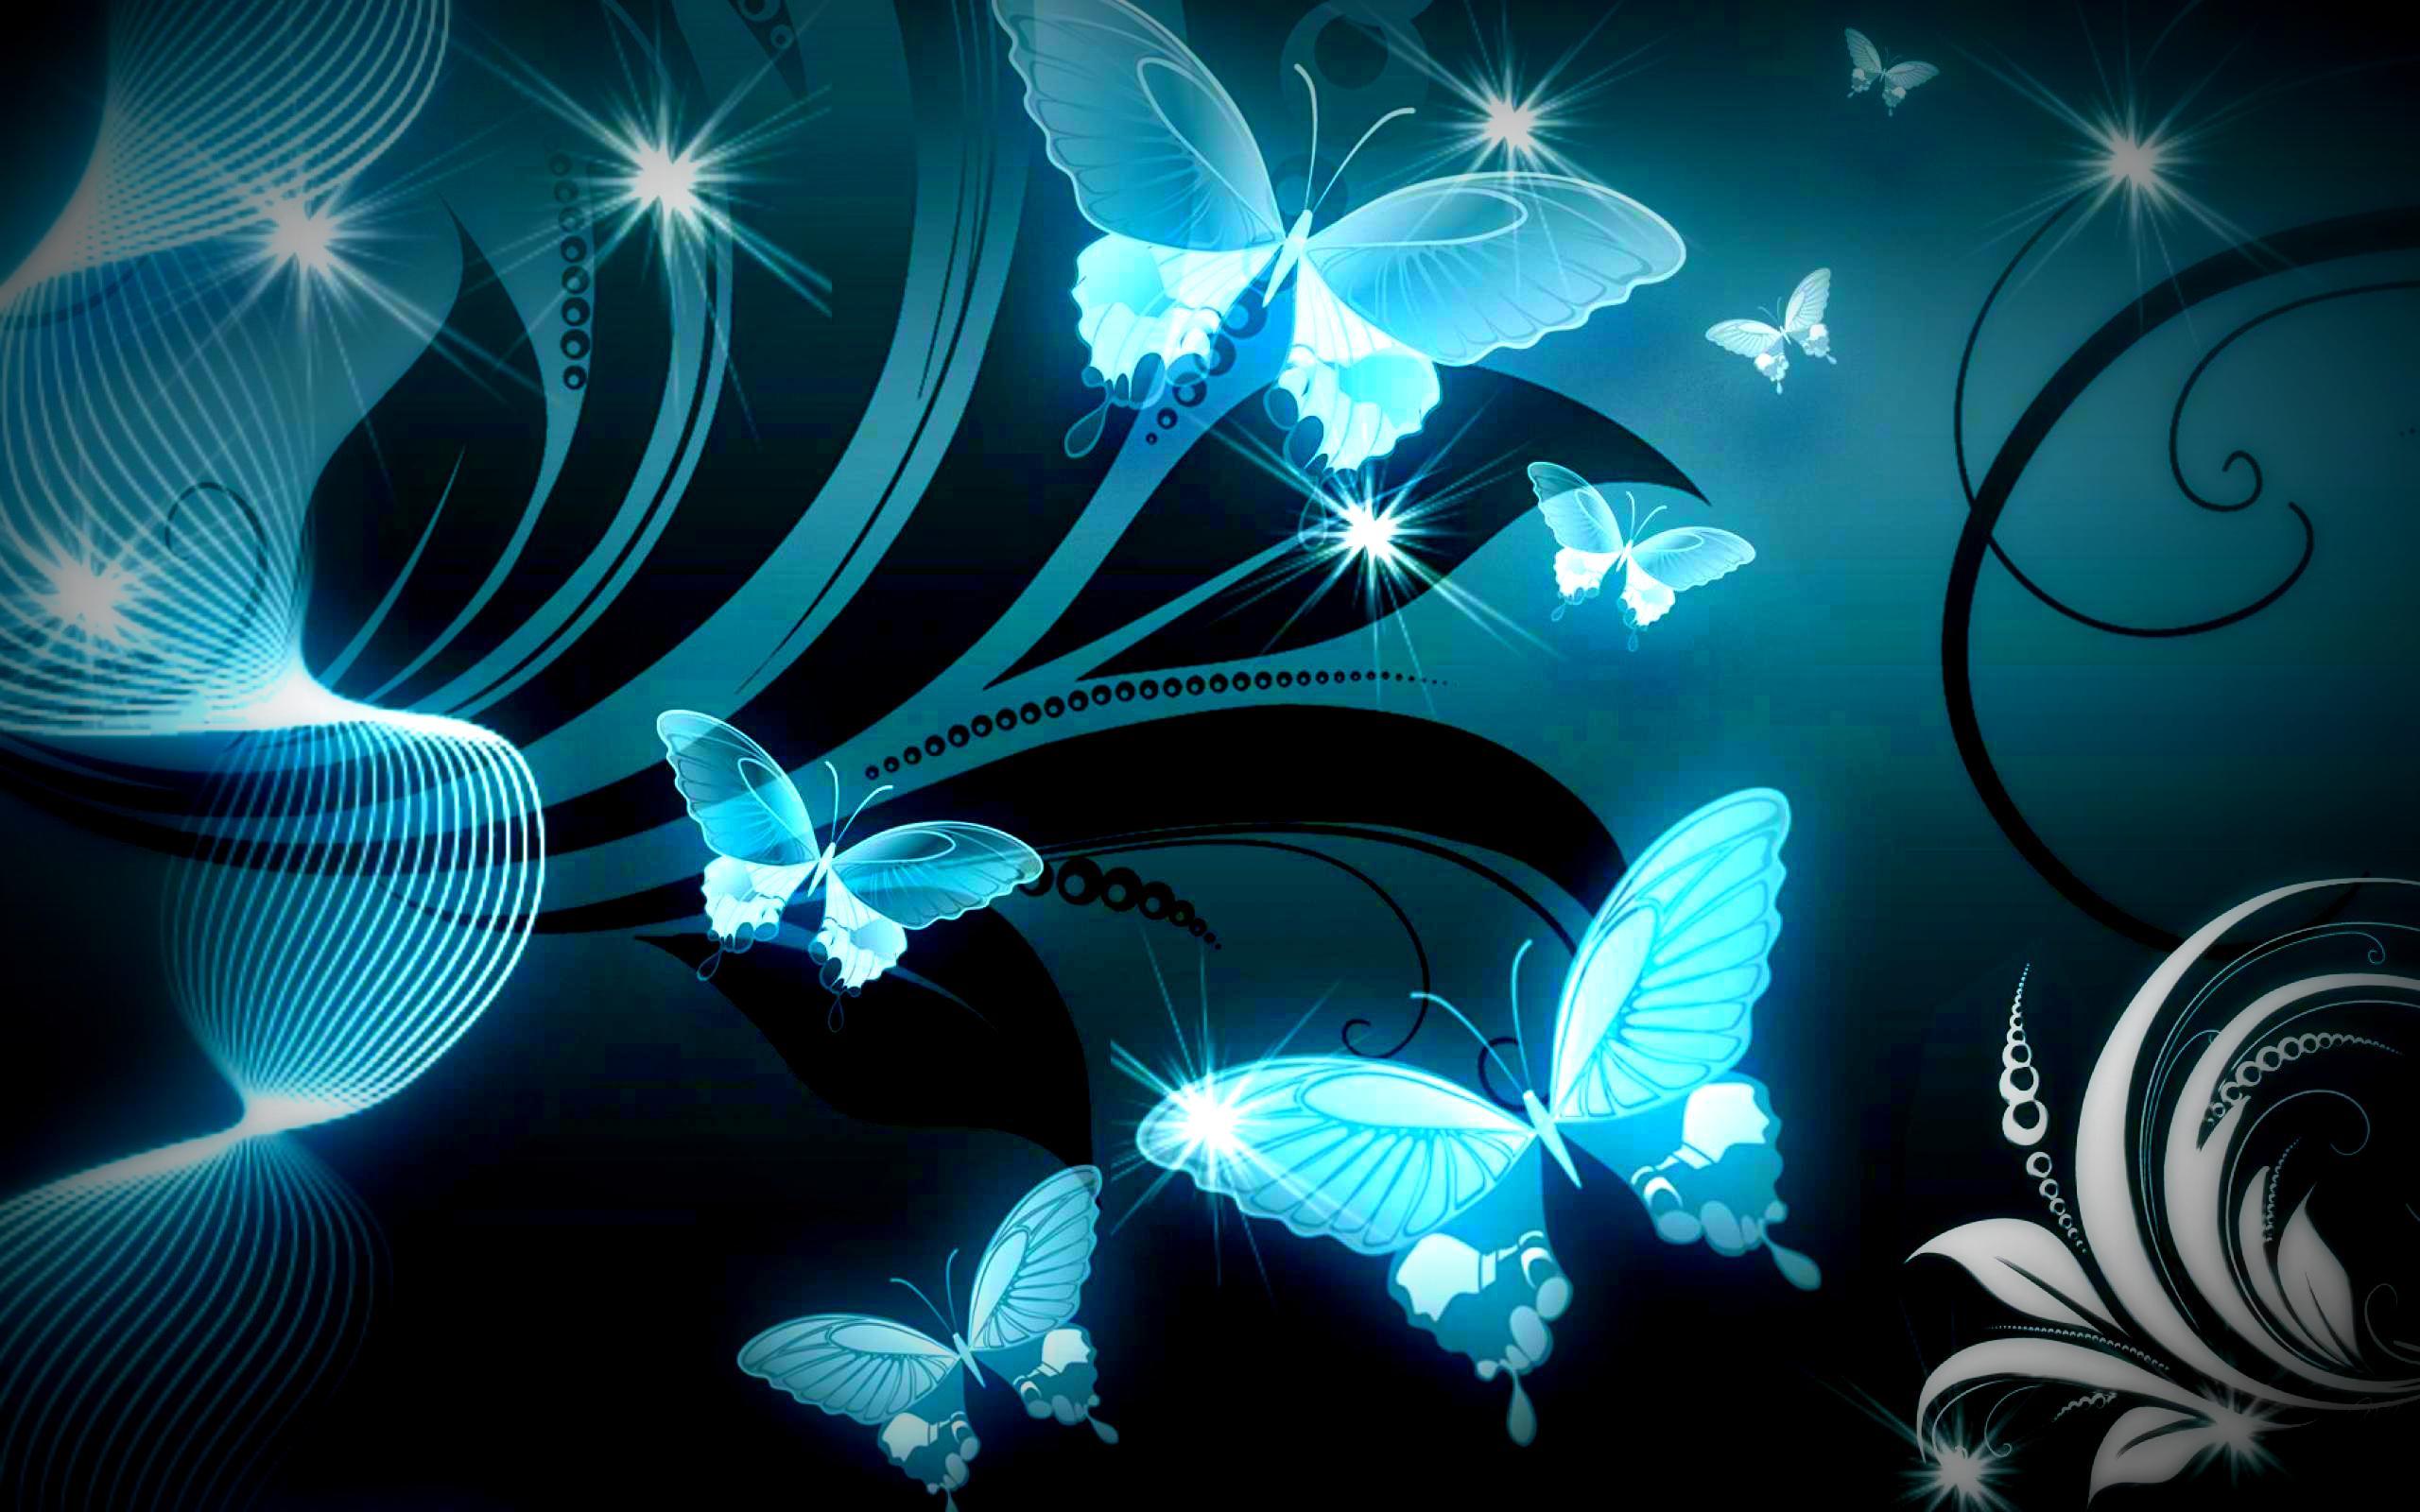 Blue Butterfly Wallpaper HD 2560x1600